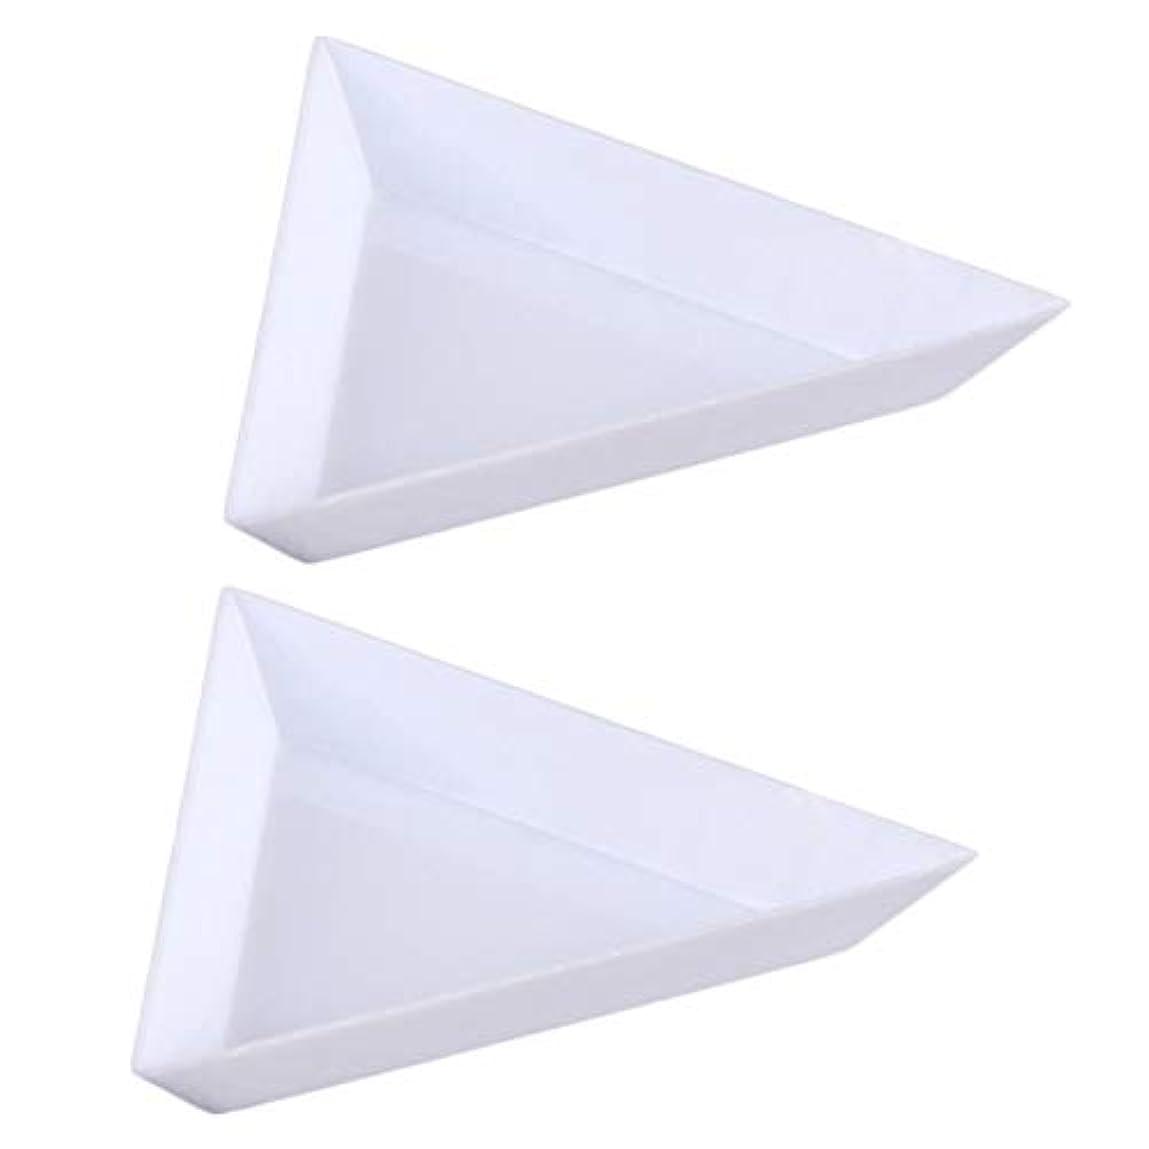 コンベンション睡眠安価なRETYLY 10個三角コーナープラスチックラインストーンビーズ 結晶 ネイルアートソーティングトレイアクセサリー白 DiyネイルアートデコレーションDotting収納トレイ オーガニゼーションに最適